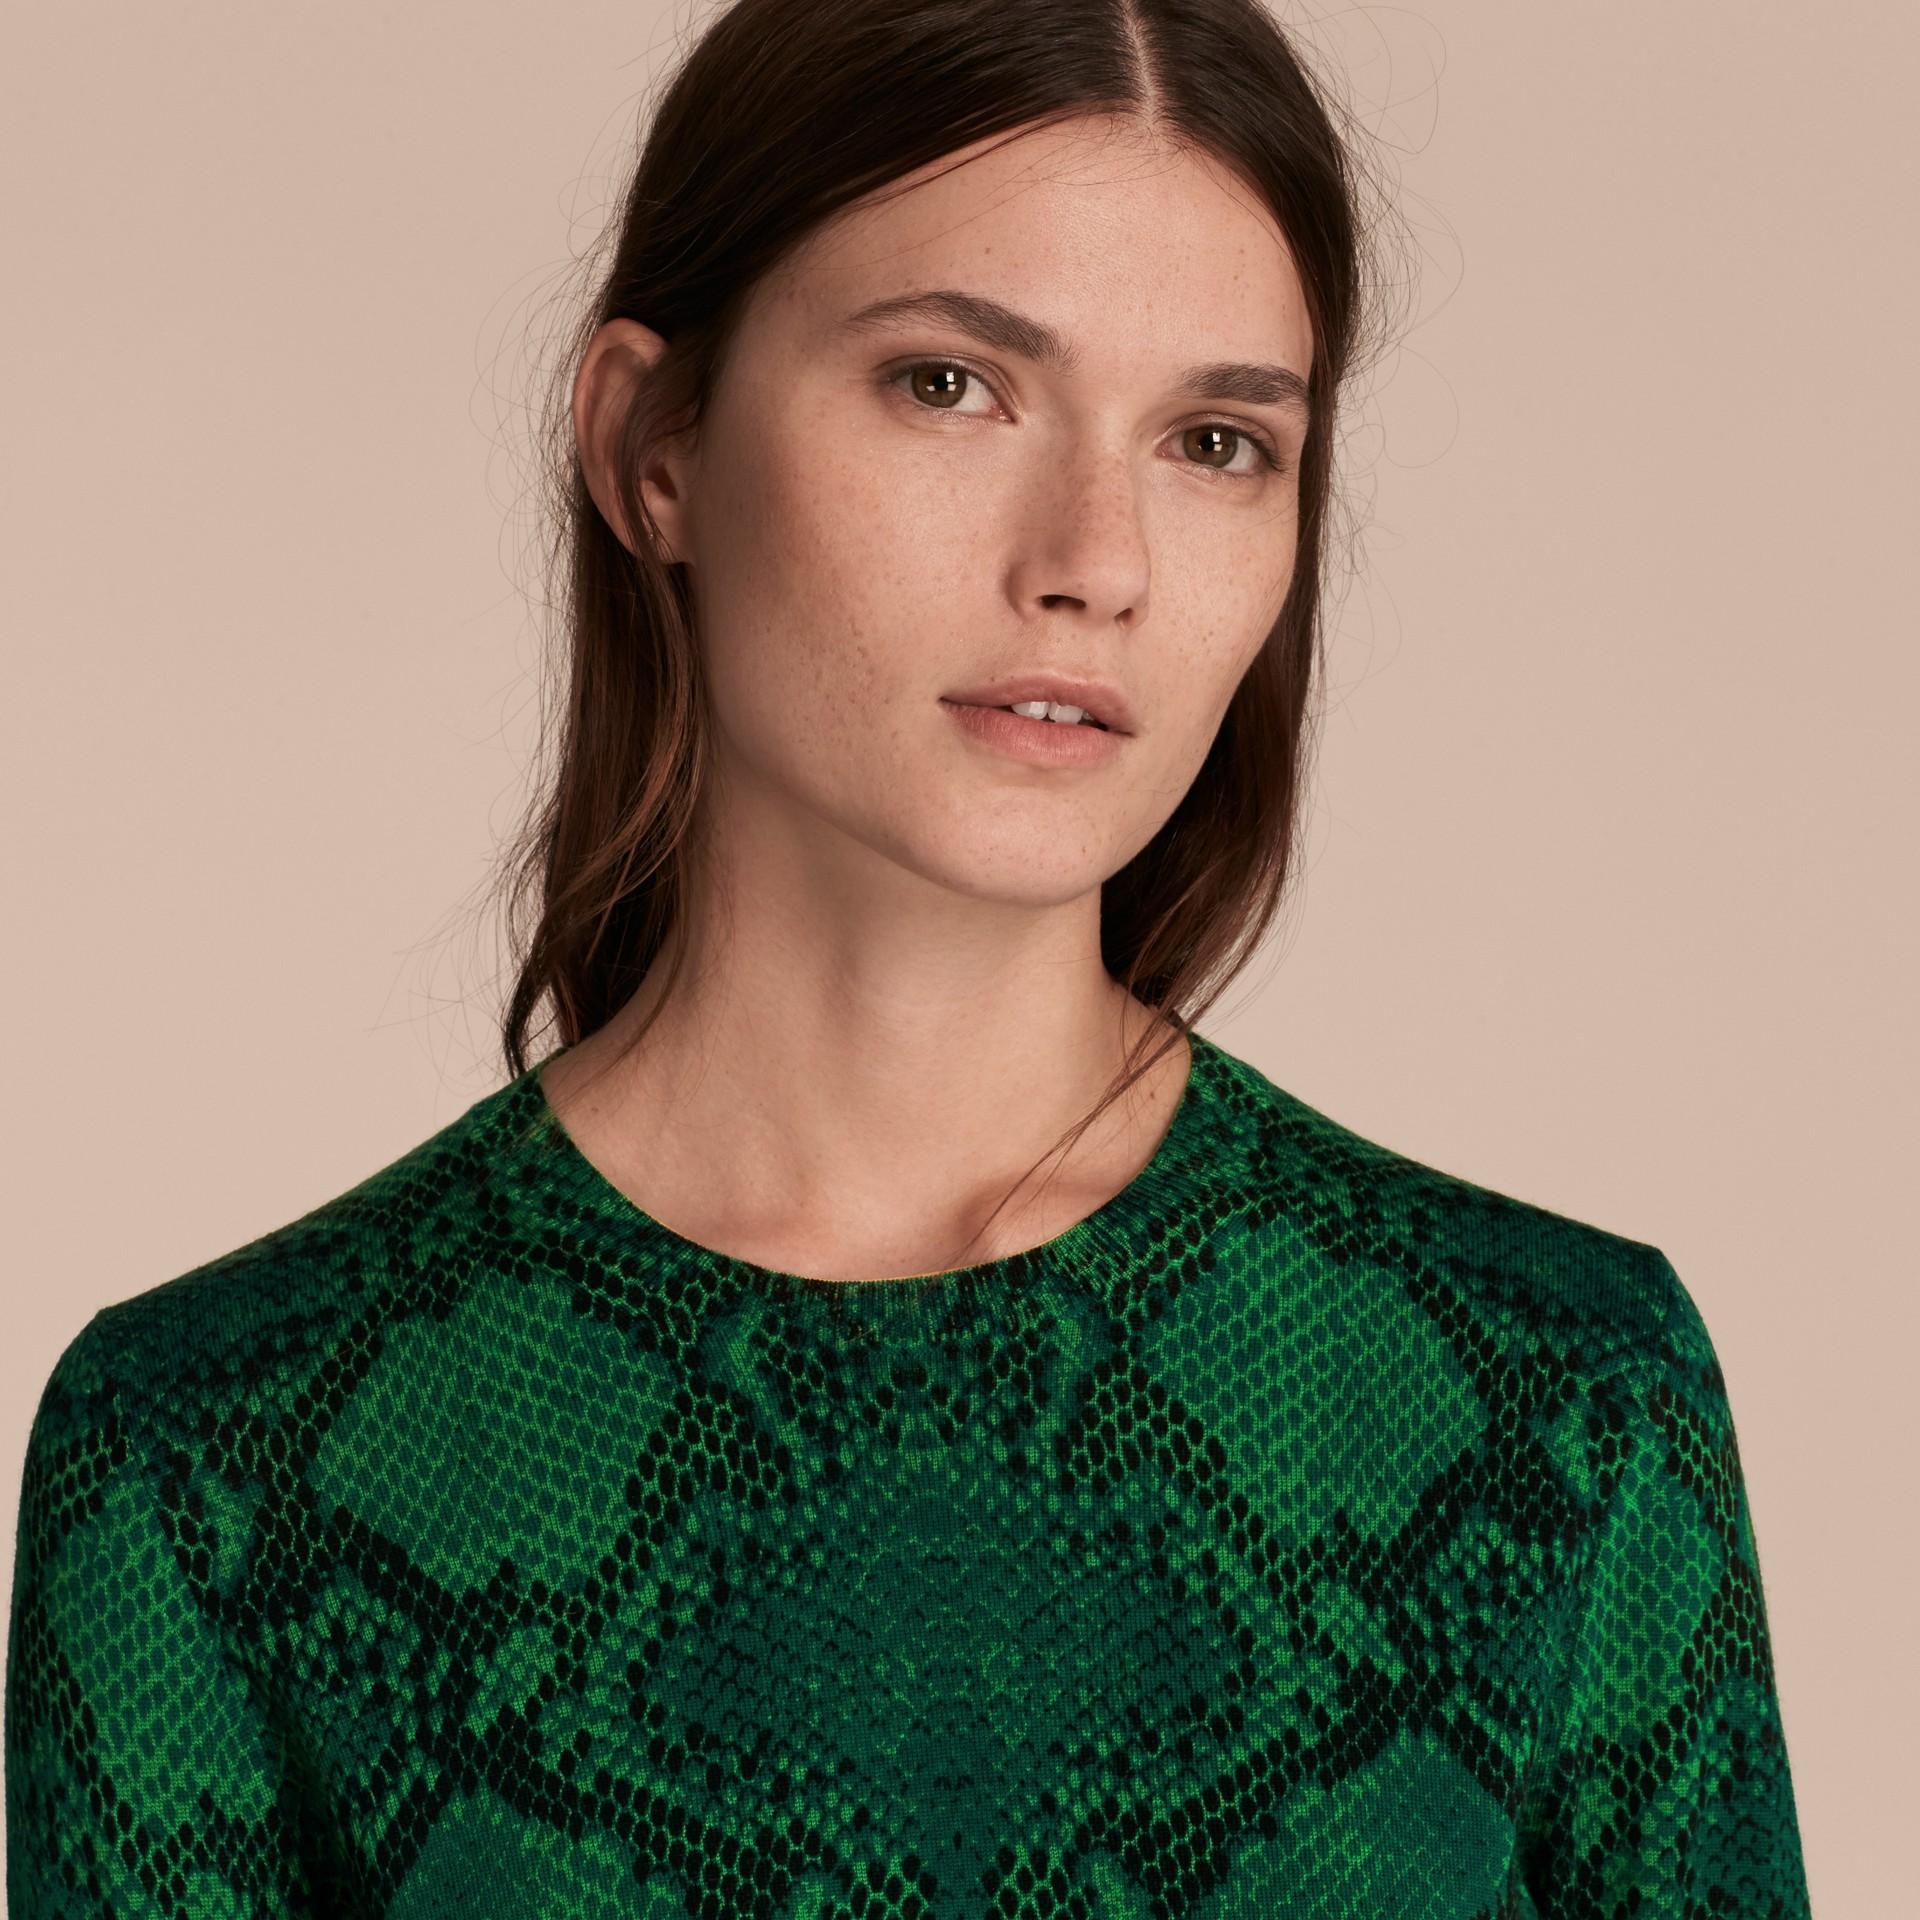 顏料綠 格紋裝飾蟒紋美麗諾羊毛套頭衫 顏料綠 - 圖庫照片 5